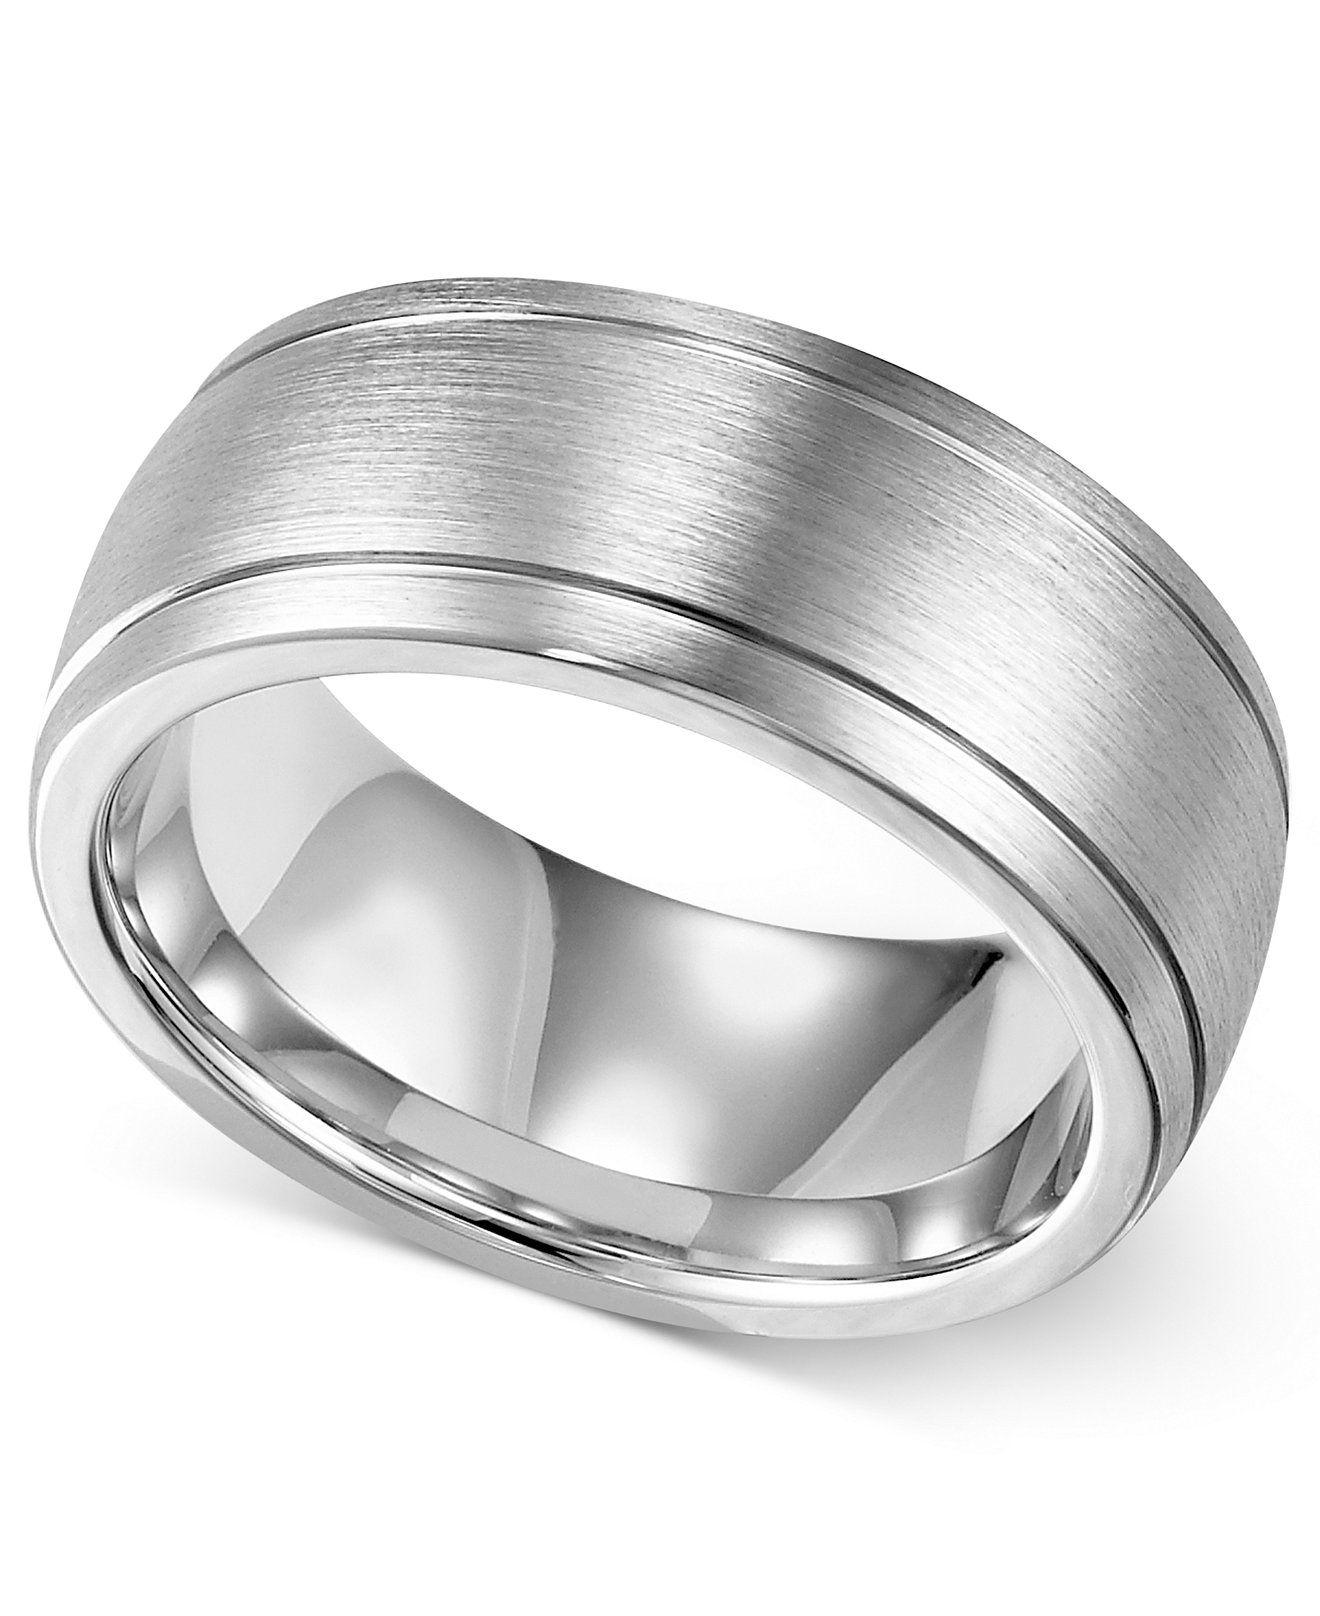 Triton Men's Cobalt Ring, 8mm Wedding Band Mens Wedding